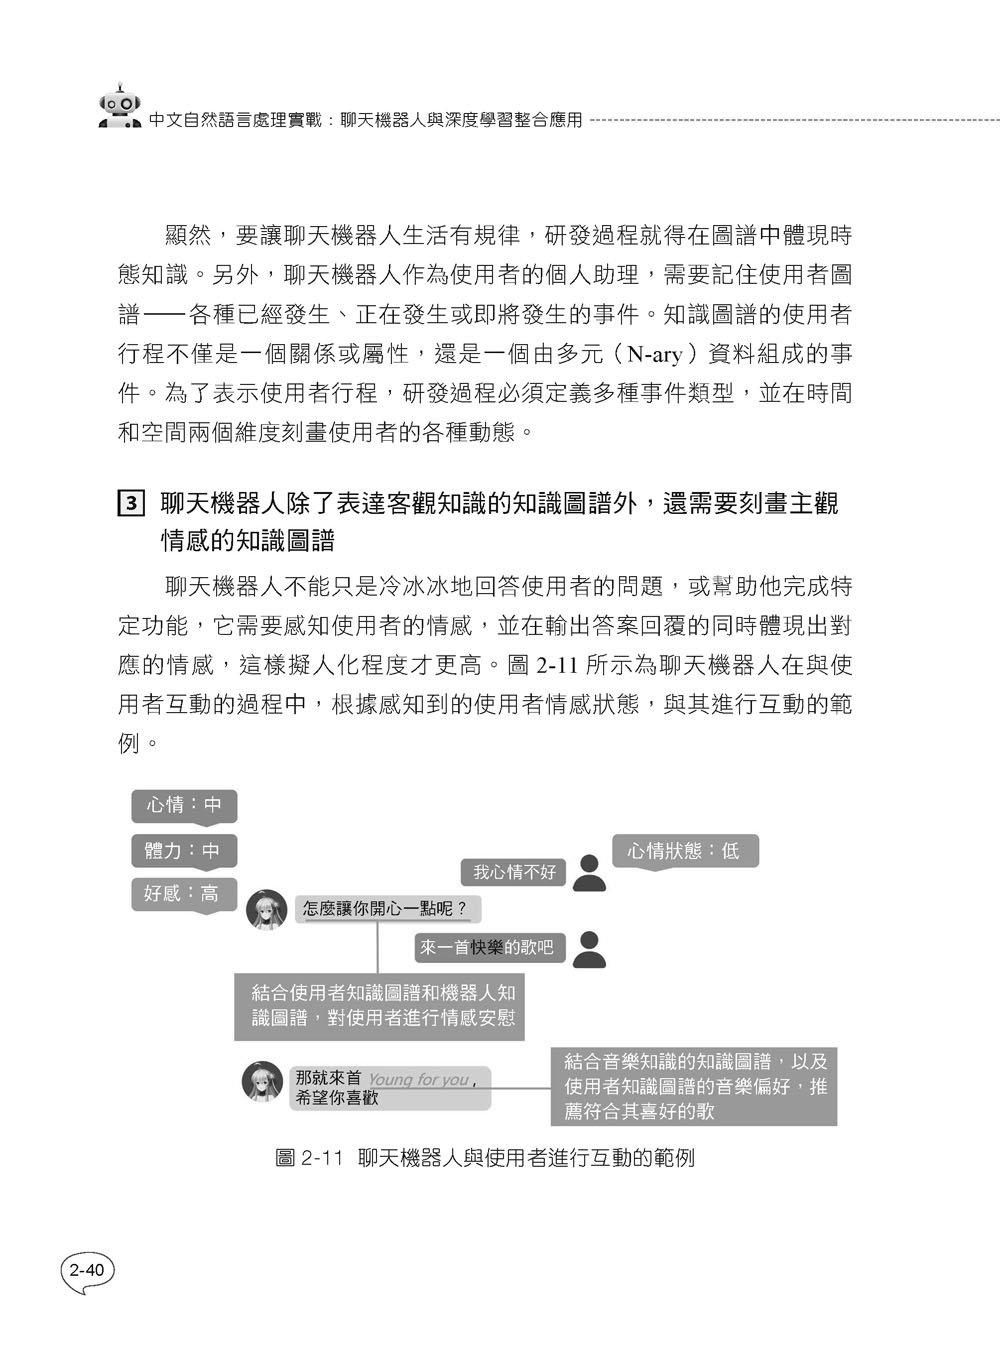 中文自然語言處理實戰:聊天機器人與深度學習整合應用-preview-13